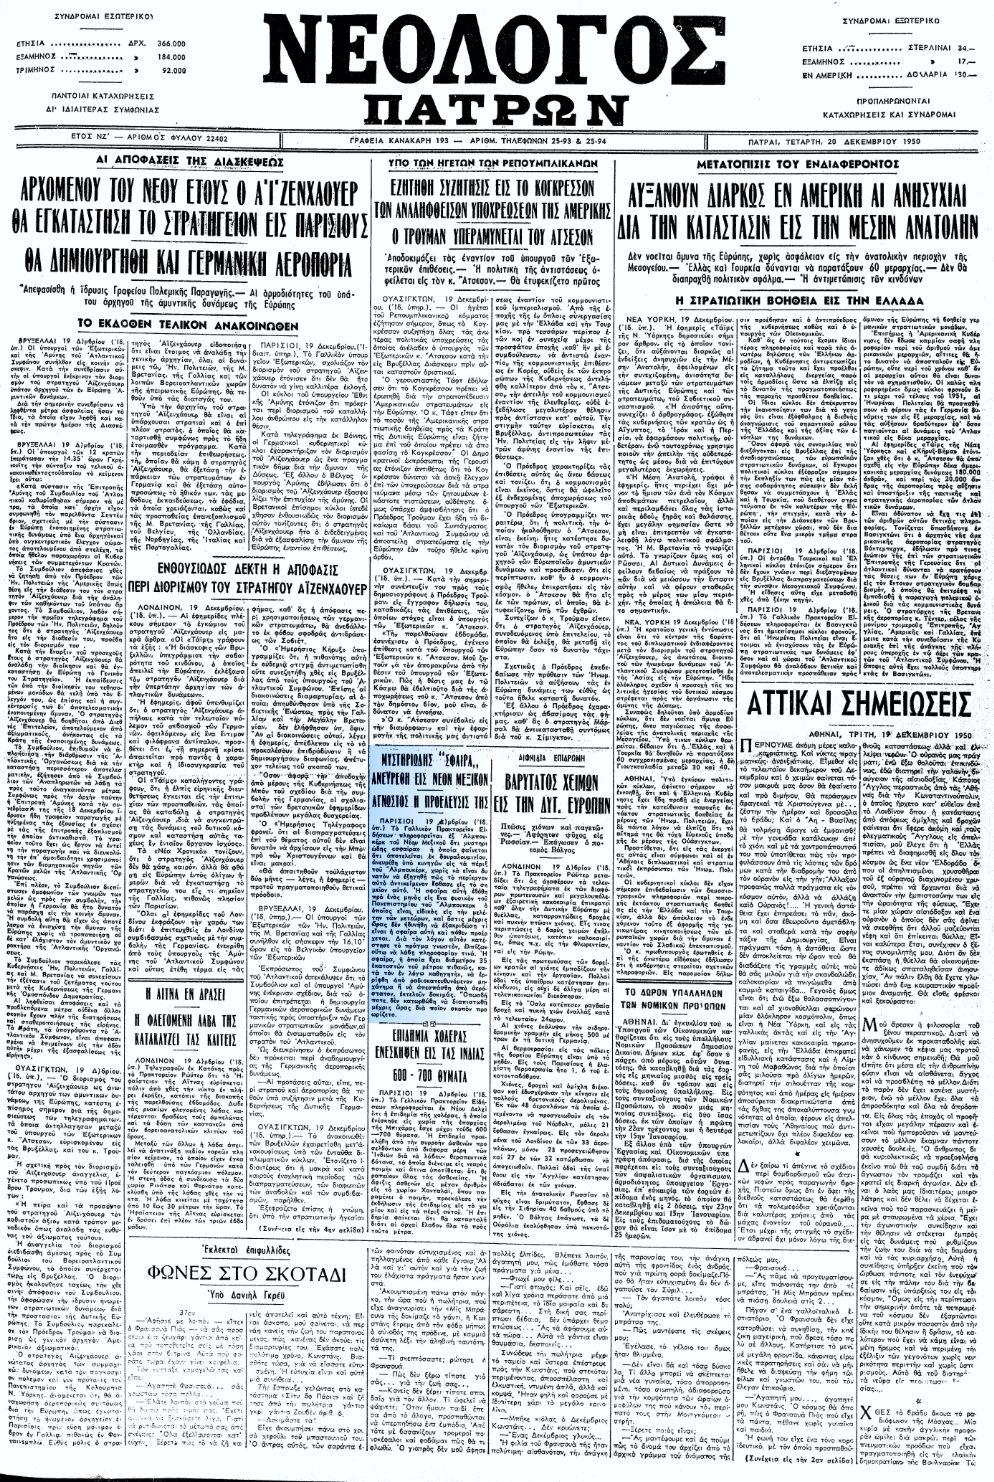 """Το άρθρο, όπως δημοσιεύθηκε στην εφημερίδα """"ΝΕΟΛΟΓΟΣ ΠΑΤΡΩΝ"""", στις 20/12/1950"""